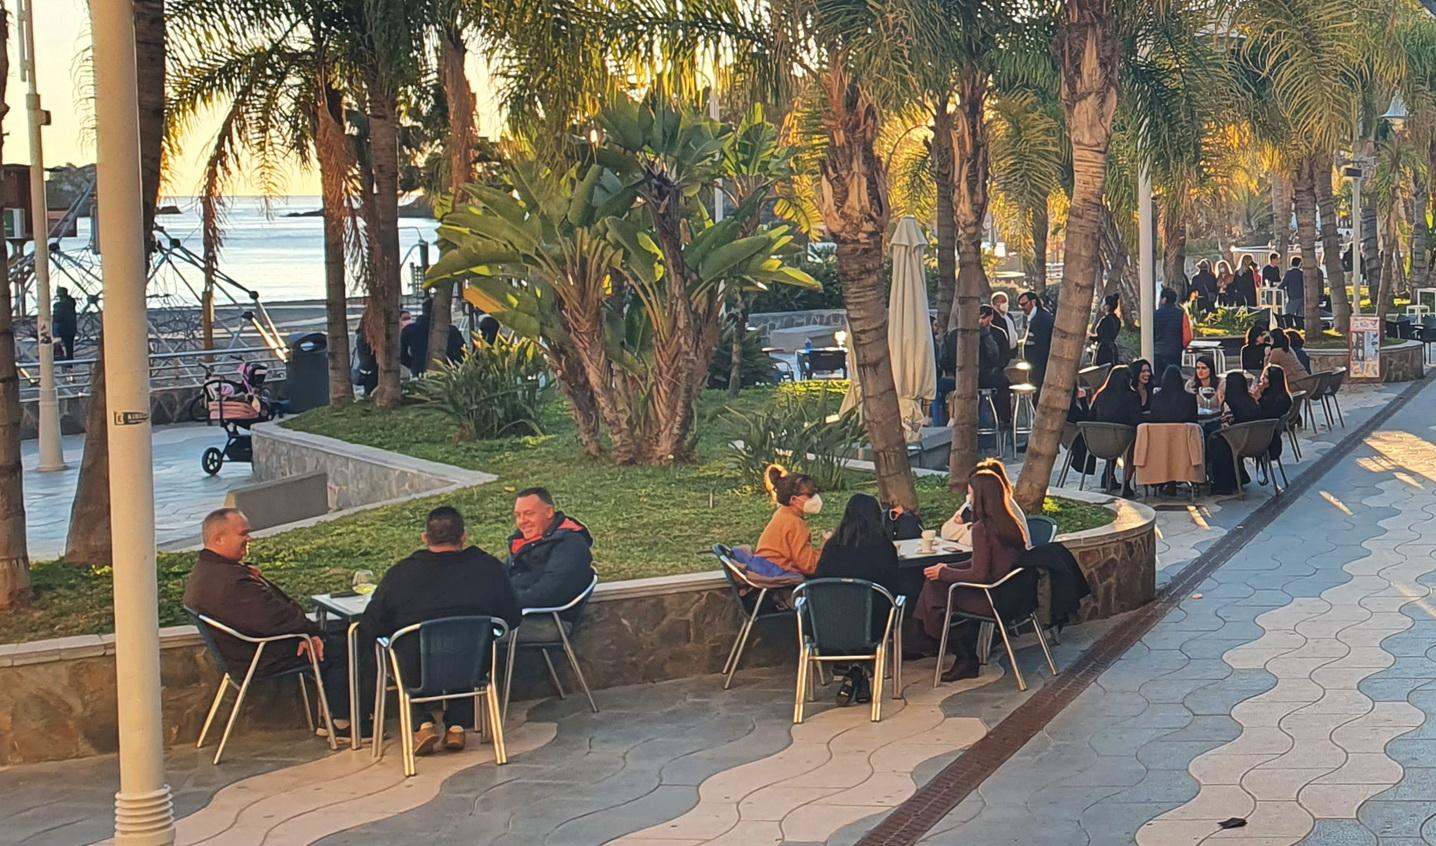 Sin cambios en cuanto al nivel de Alerta en la Costa de Granada y por lo tanto sigue el horario de cierre a las 18,00.